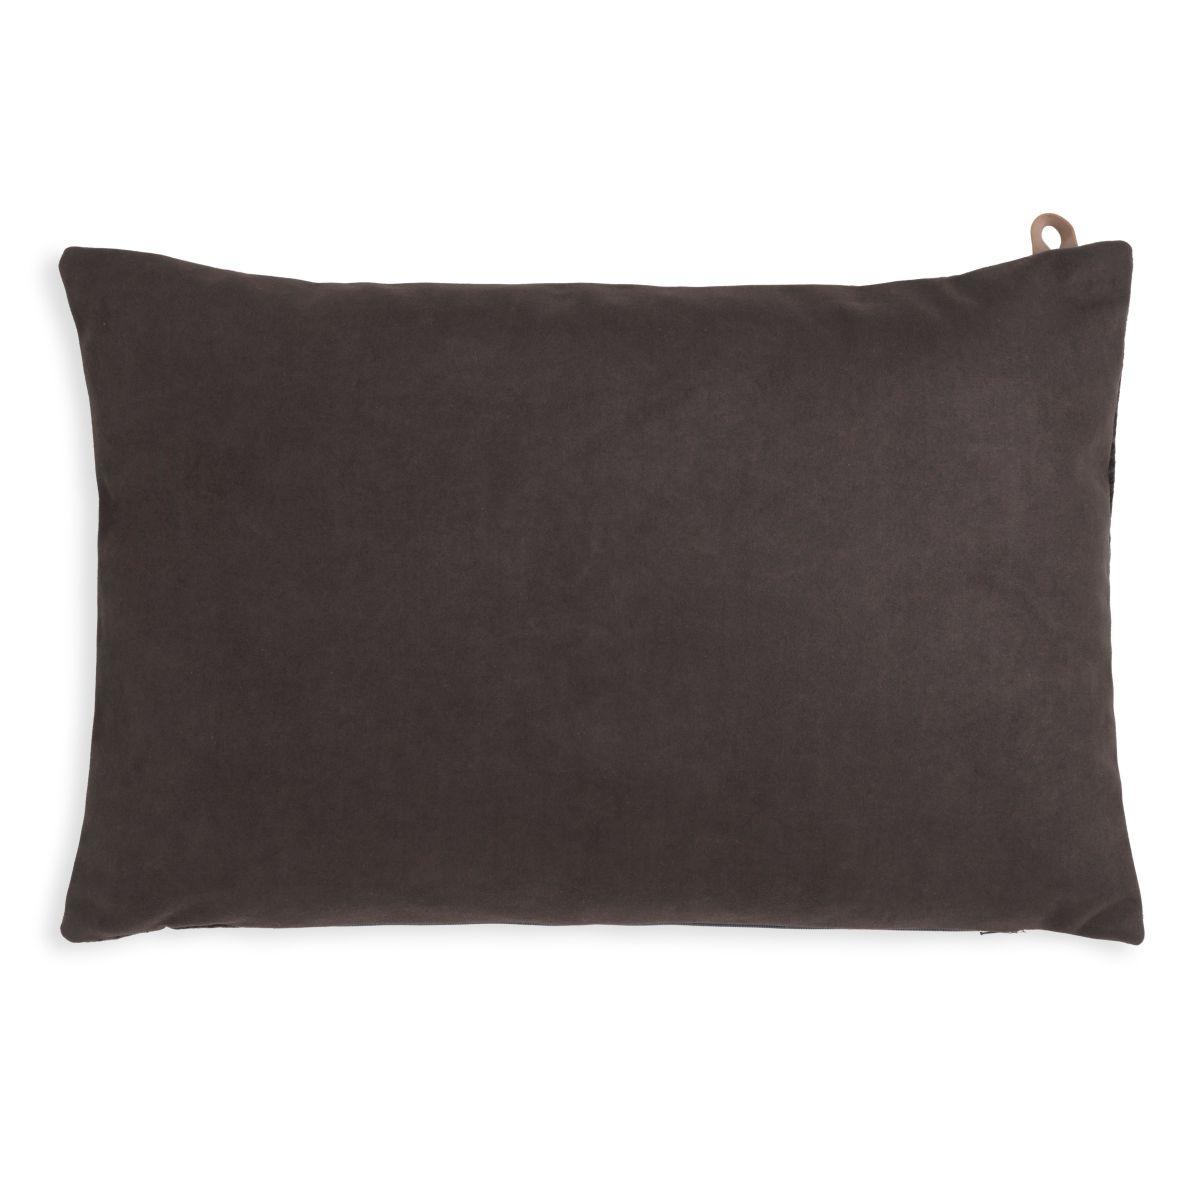 beau cushion anthracite 60x40